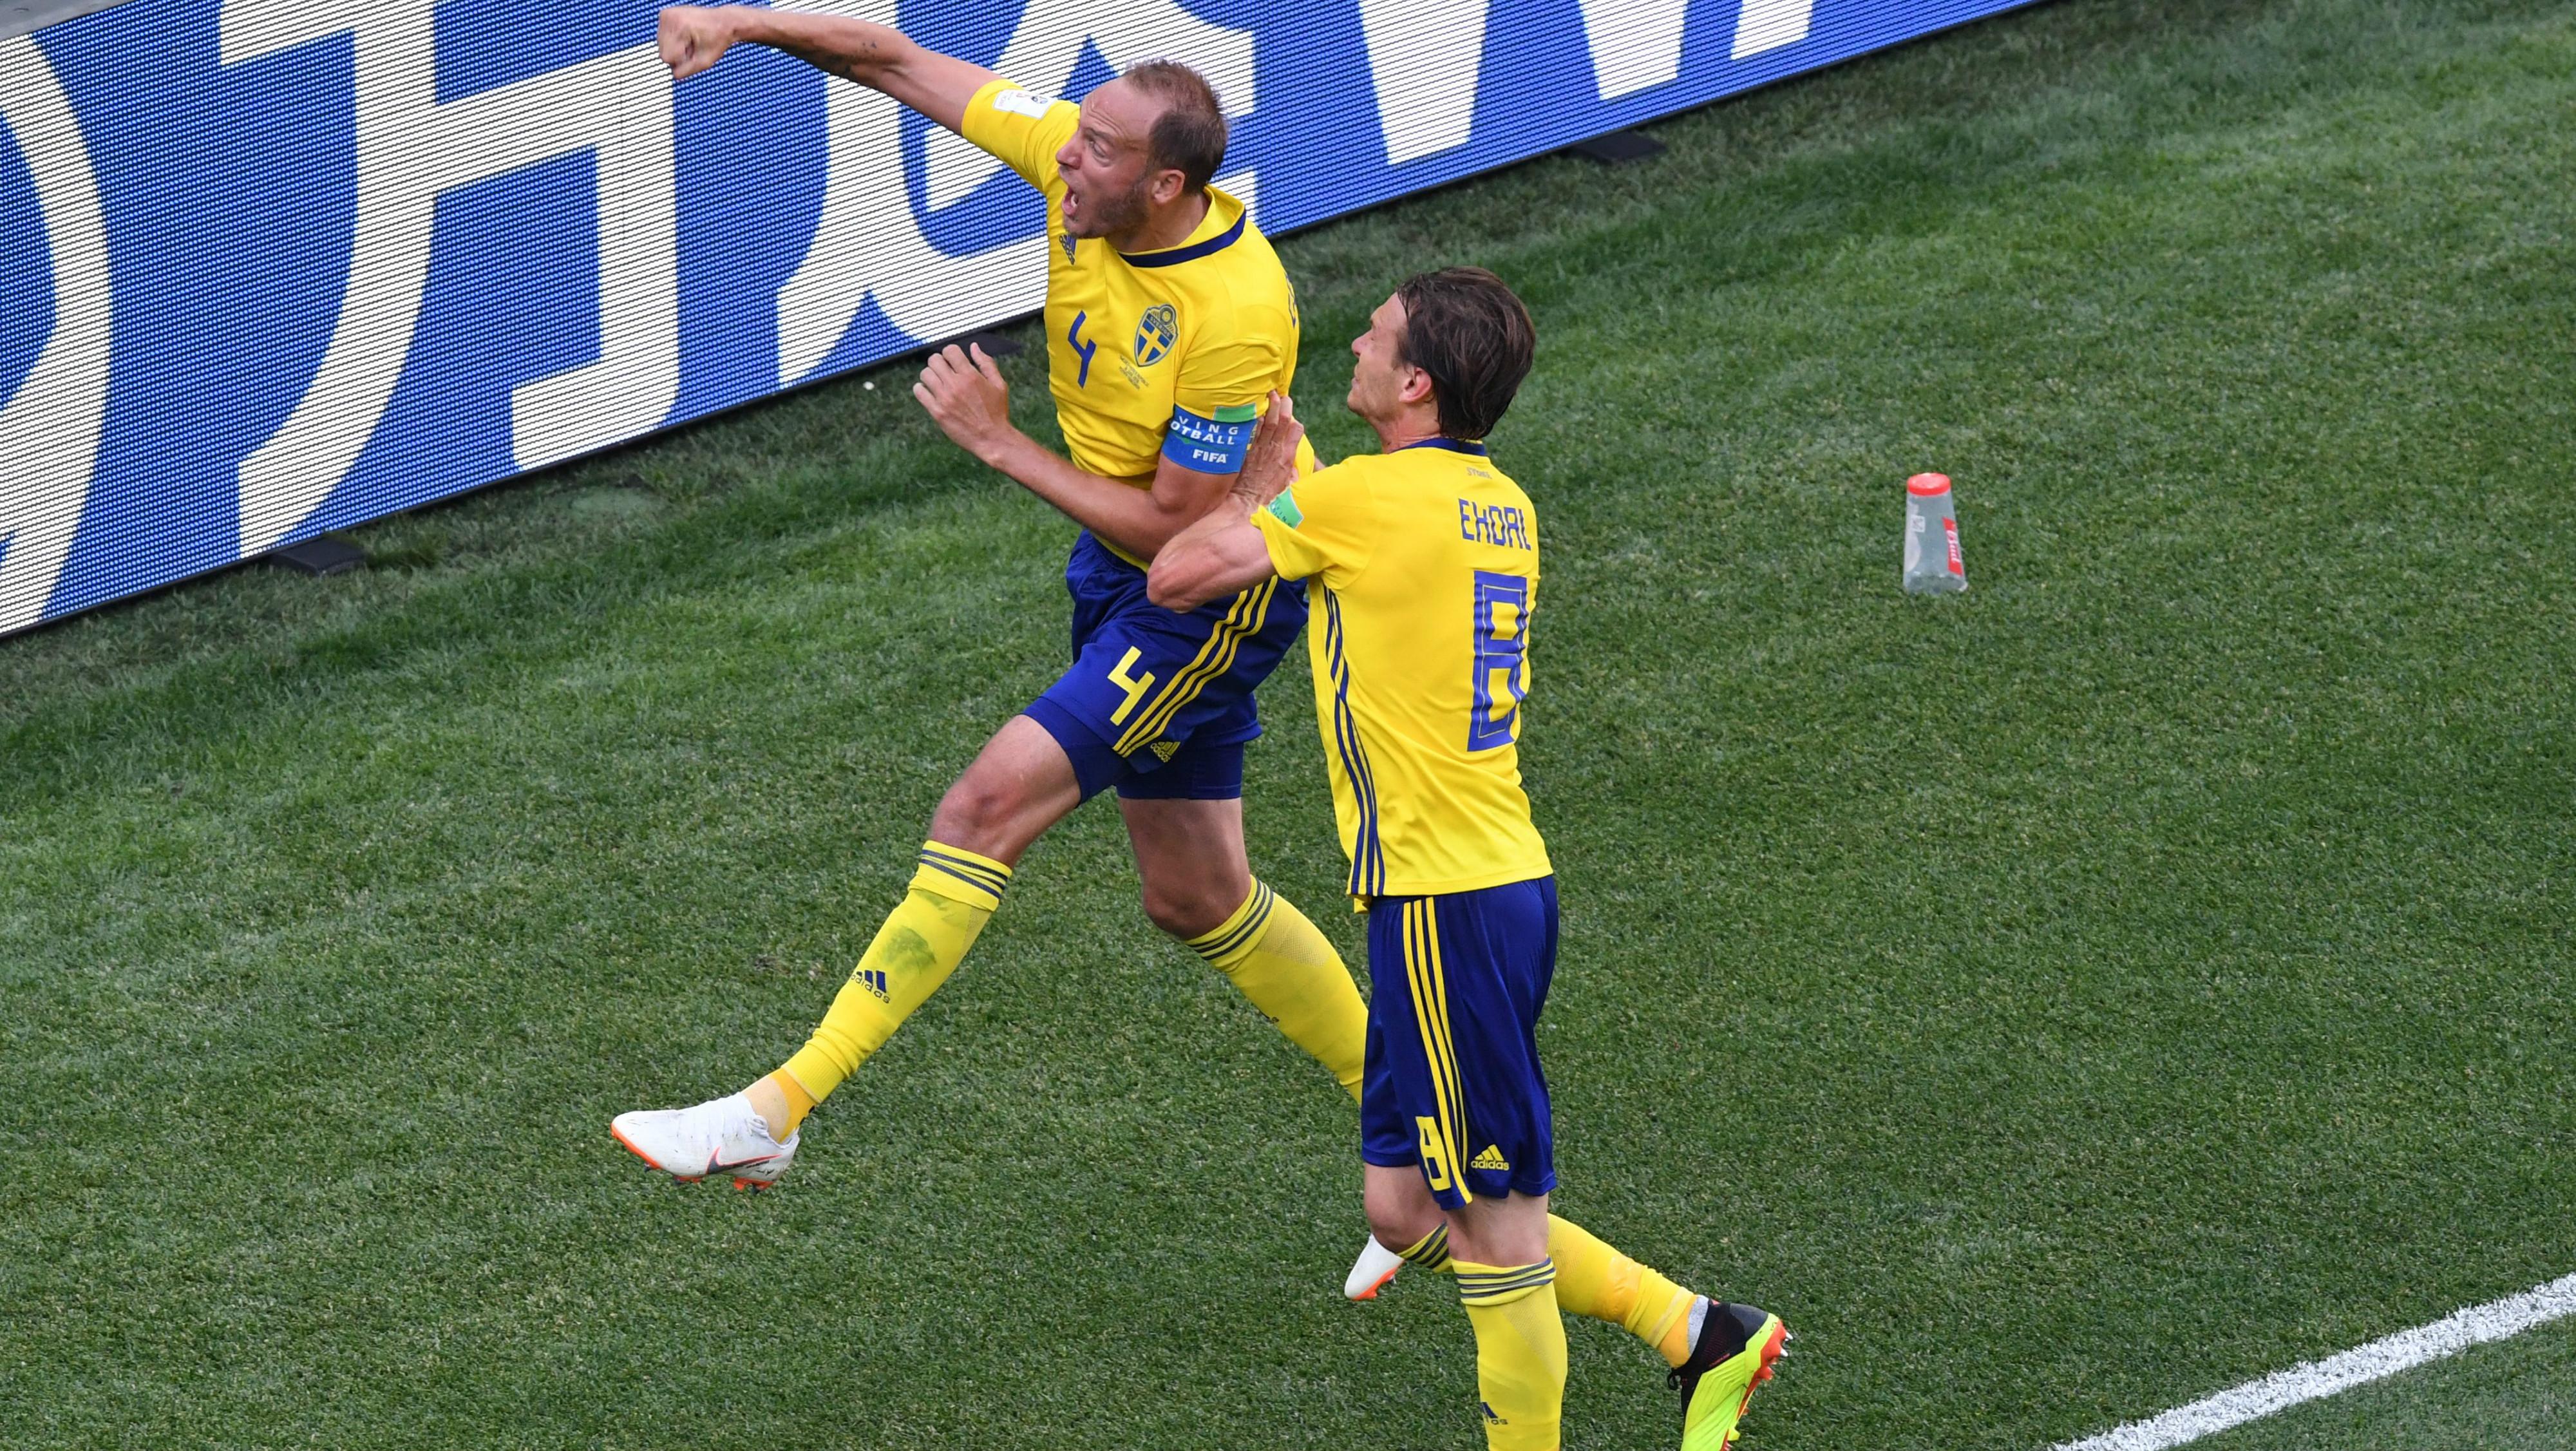 Andreas Granqvist - Suécia x Coreia do Sul - 18/06/2018